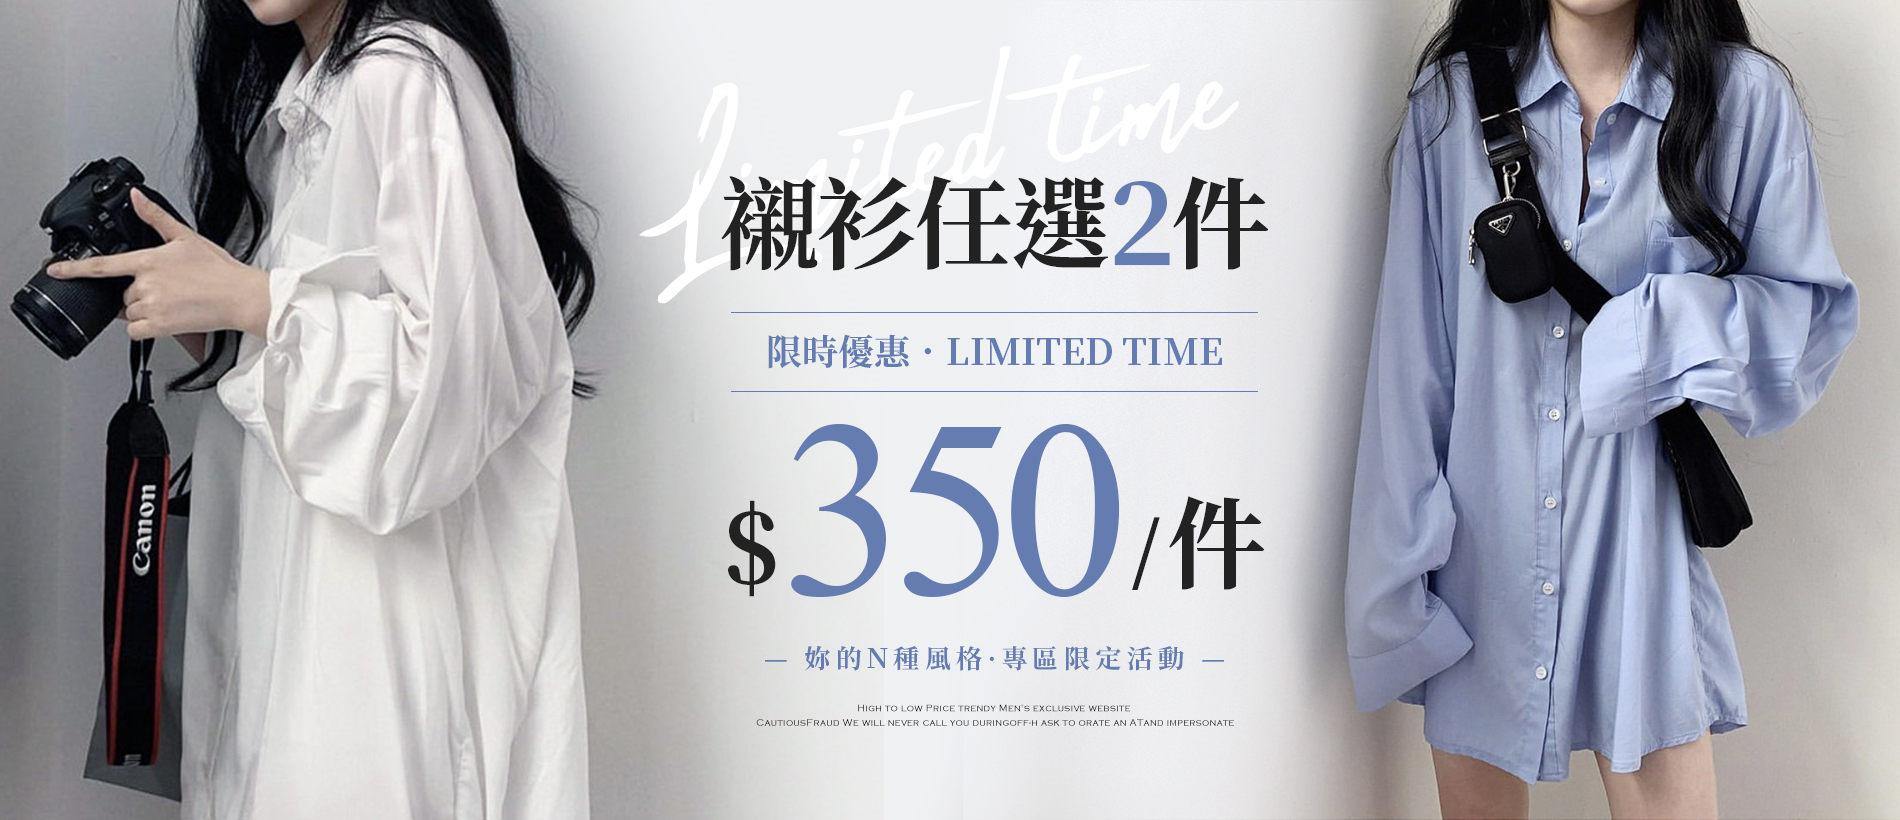 女裝襯衫任選2件 $350/件